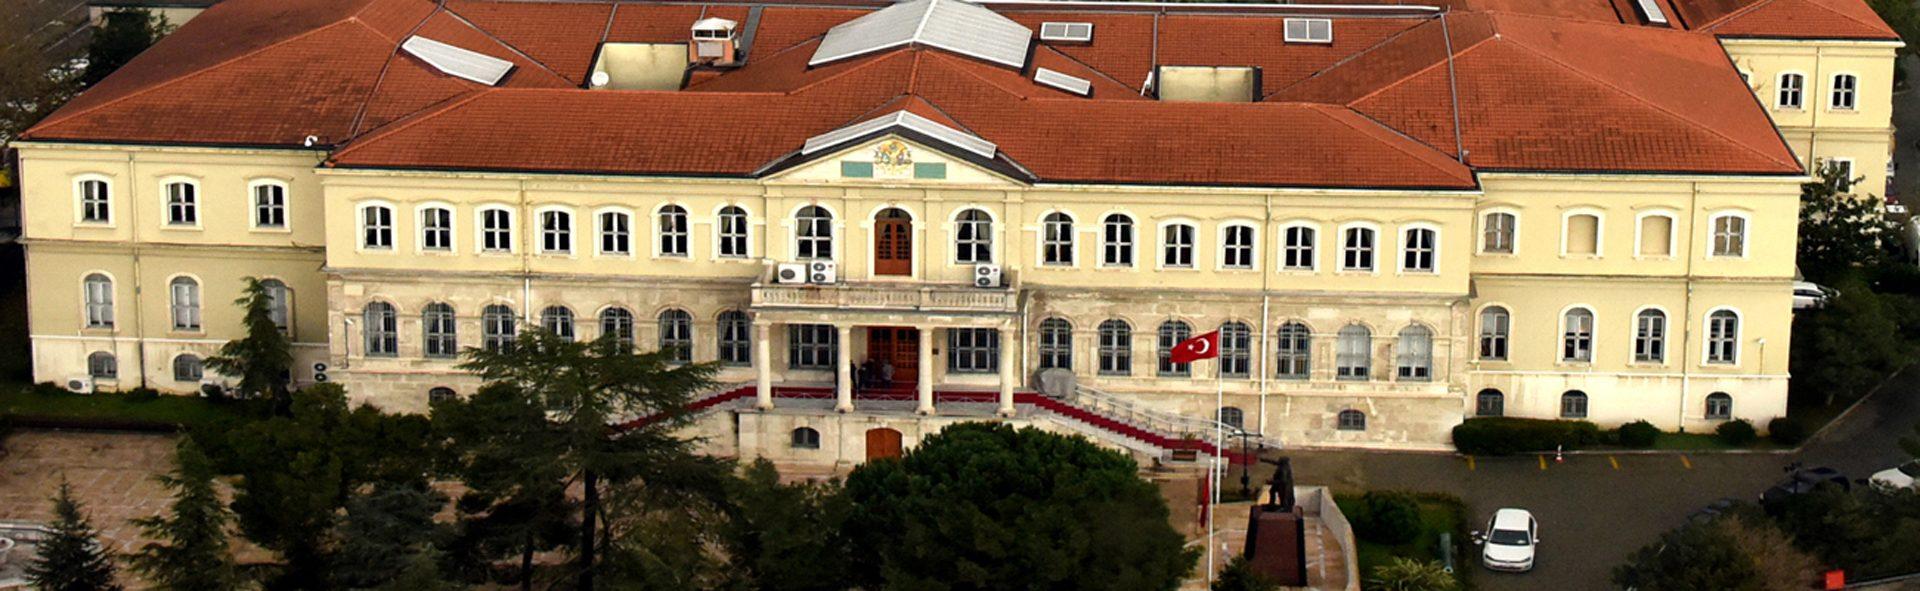 Askerî Müze Ve Kültür Sitesi Komutanlığı .Türkiye'de İlk Askeri Müzeyi Kim Ve Ne Zaman Kurmuştur Müzenin Adı Nedir